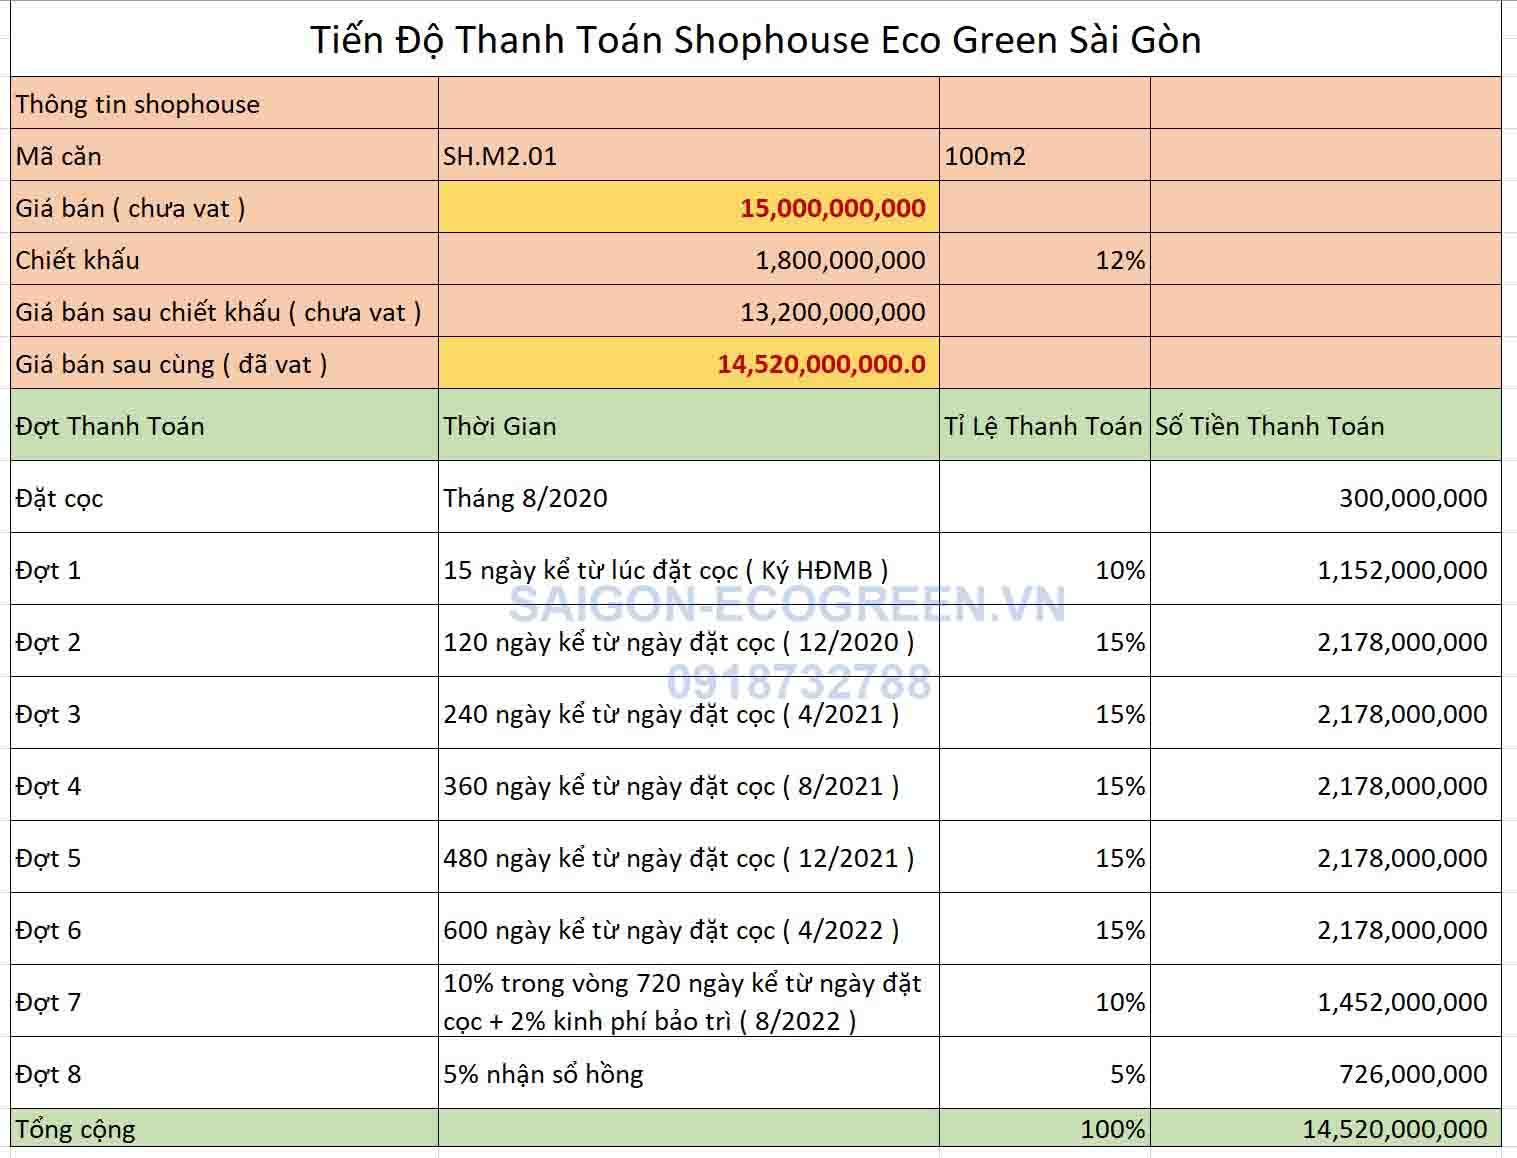 Tiến độ thanh toán shophouse Eco Green Sài Gòn Quận 7